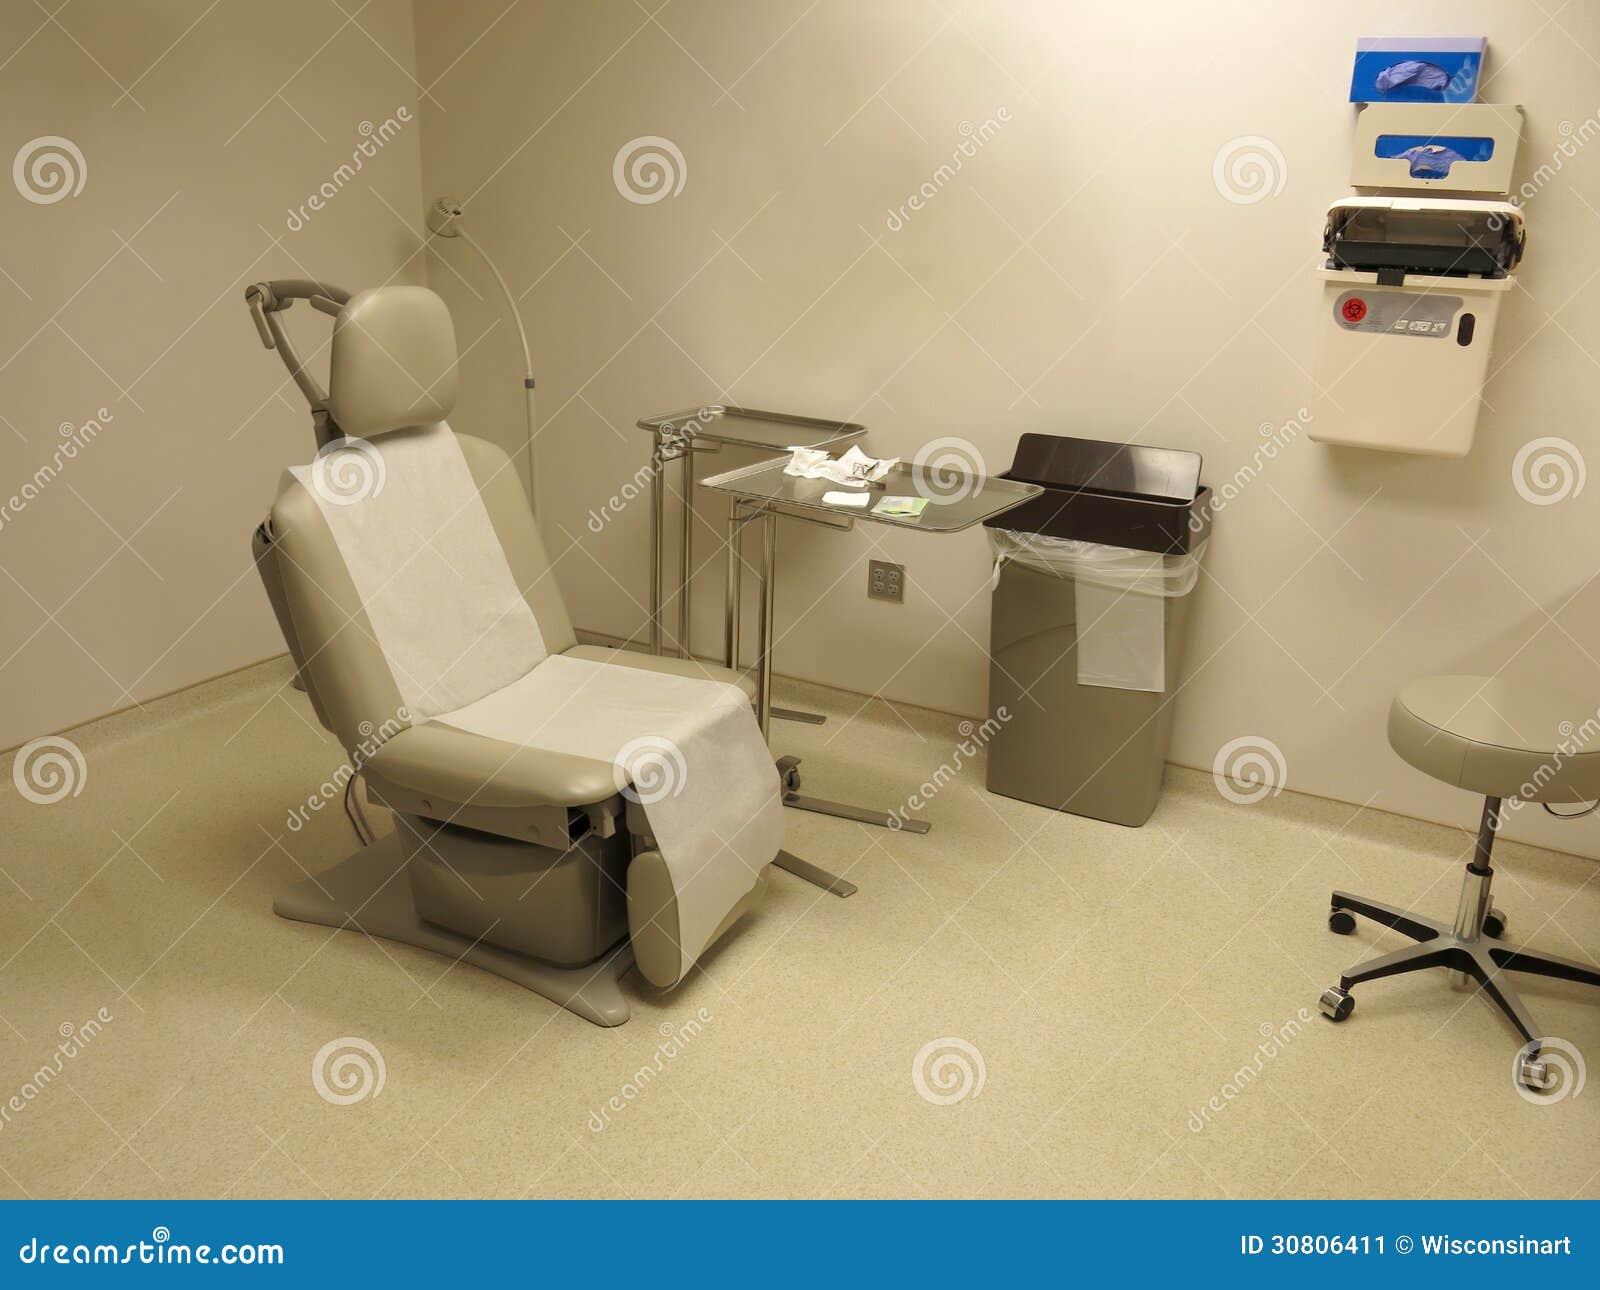 Medical Hospital Doctor Examination Room Stock Illustration ...